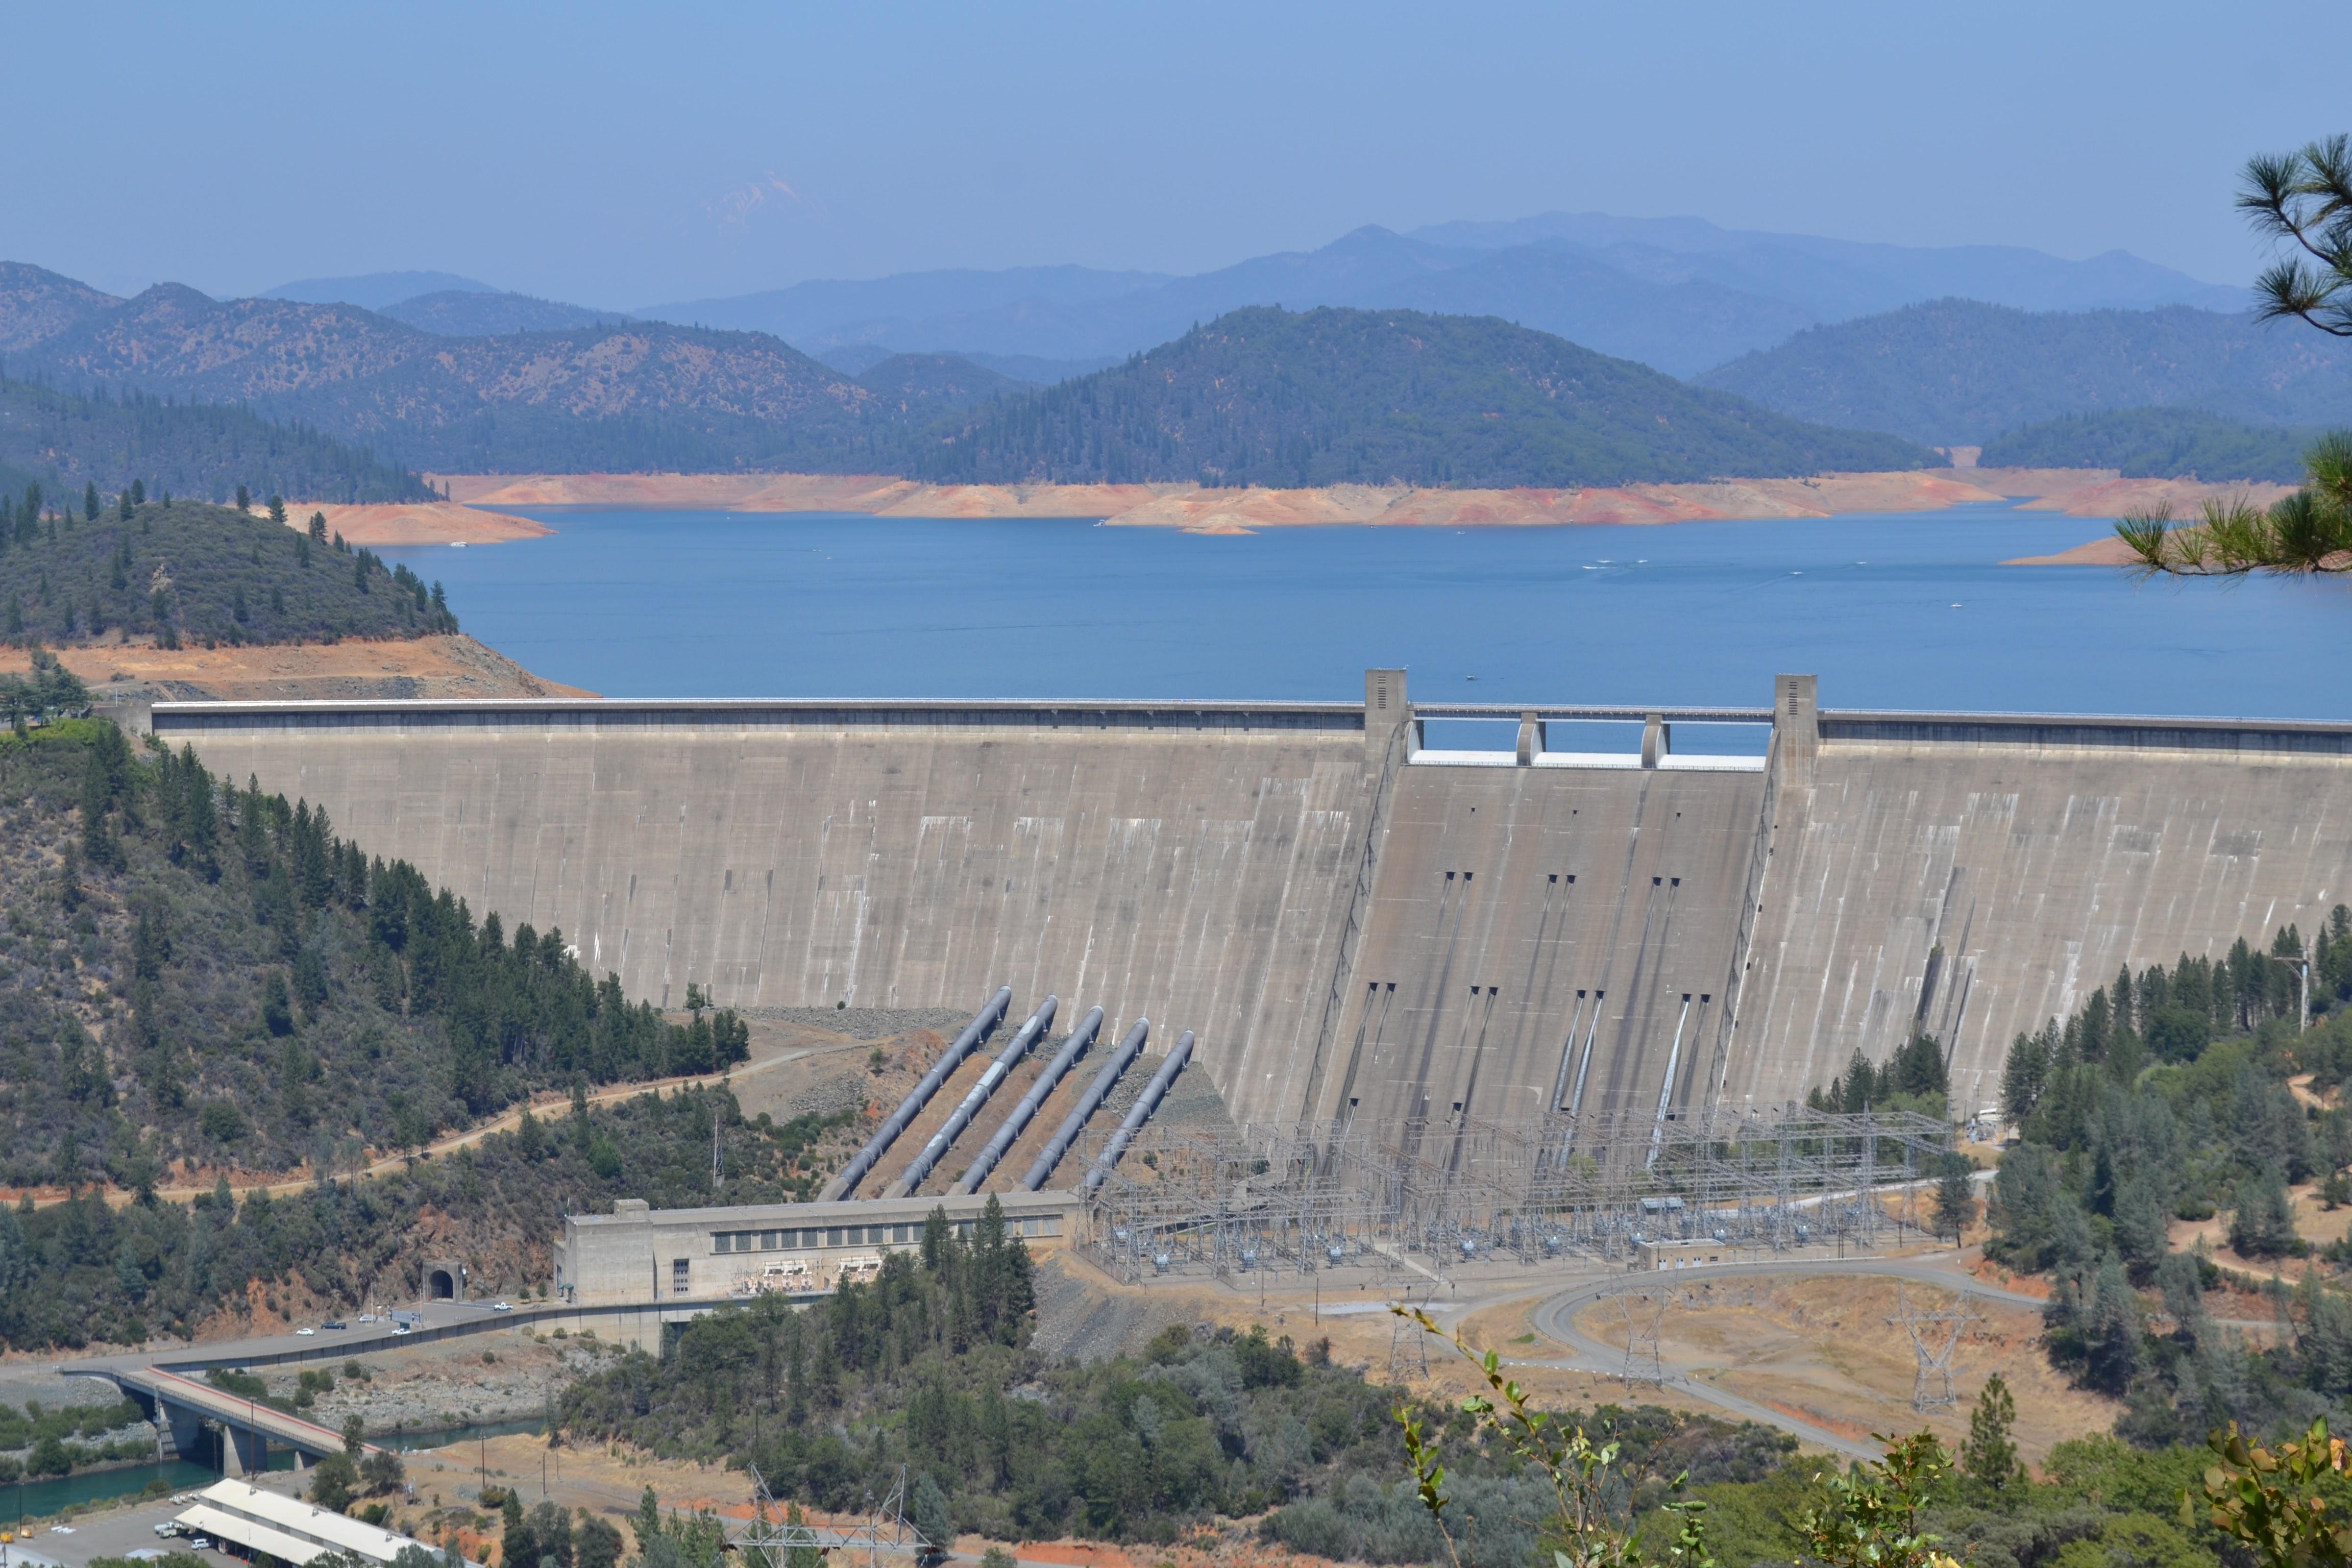 File:Shasta dam 2.jpg - Wikimedia Commons